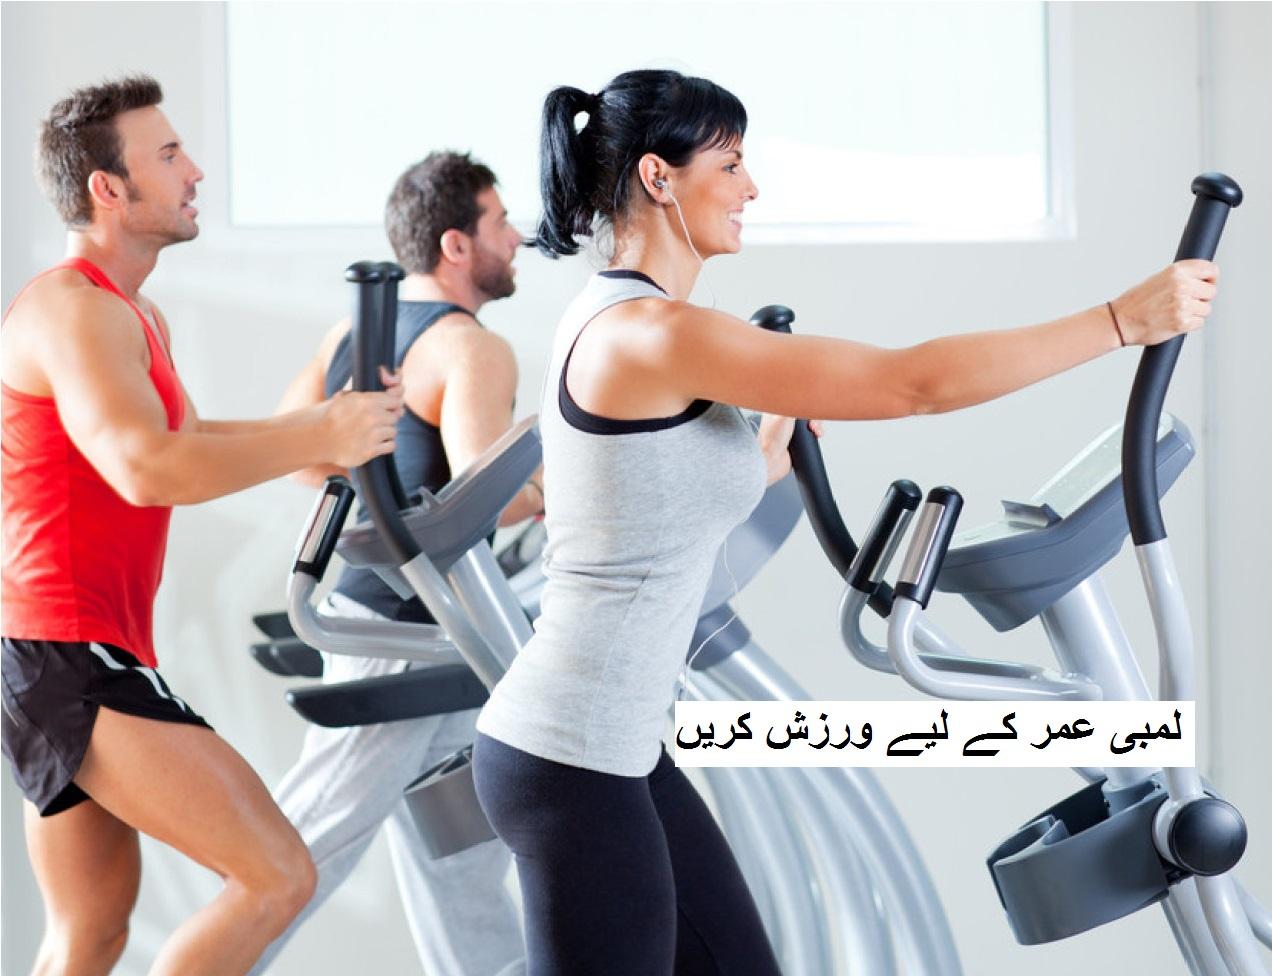 لمبی عمر کے لیے ورزش کریں